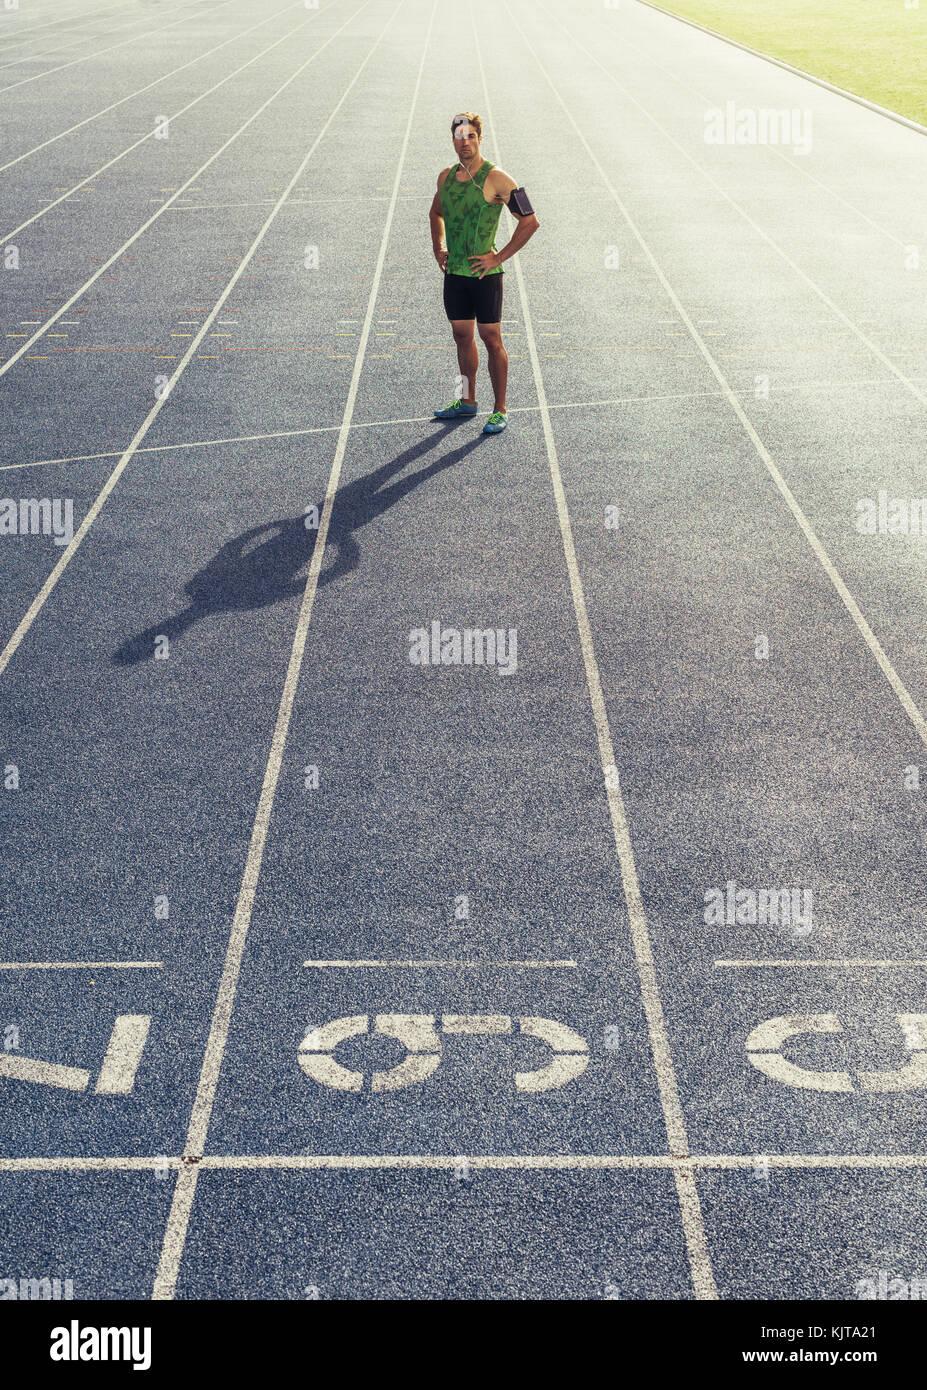 Runner permanente sulla via di corsa con le mani piegate. Atleta che indossa auricolari con telefono mobile fissato Immagini Stock